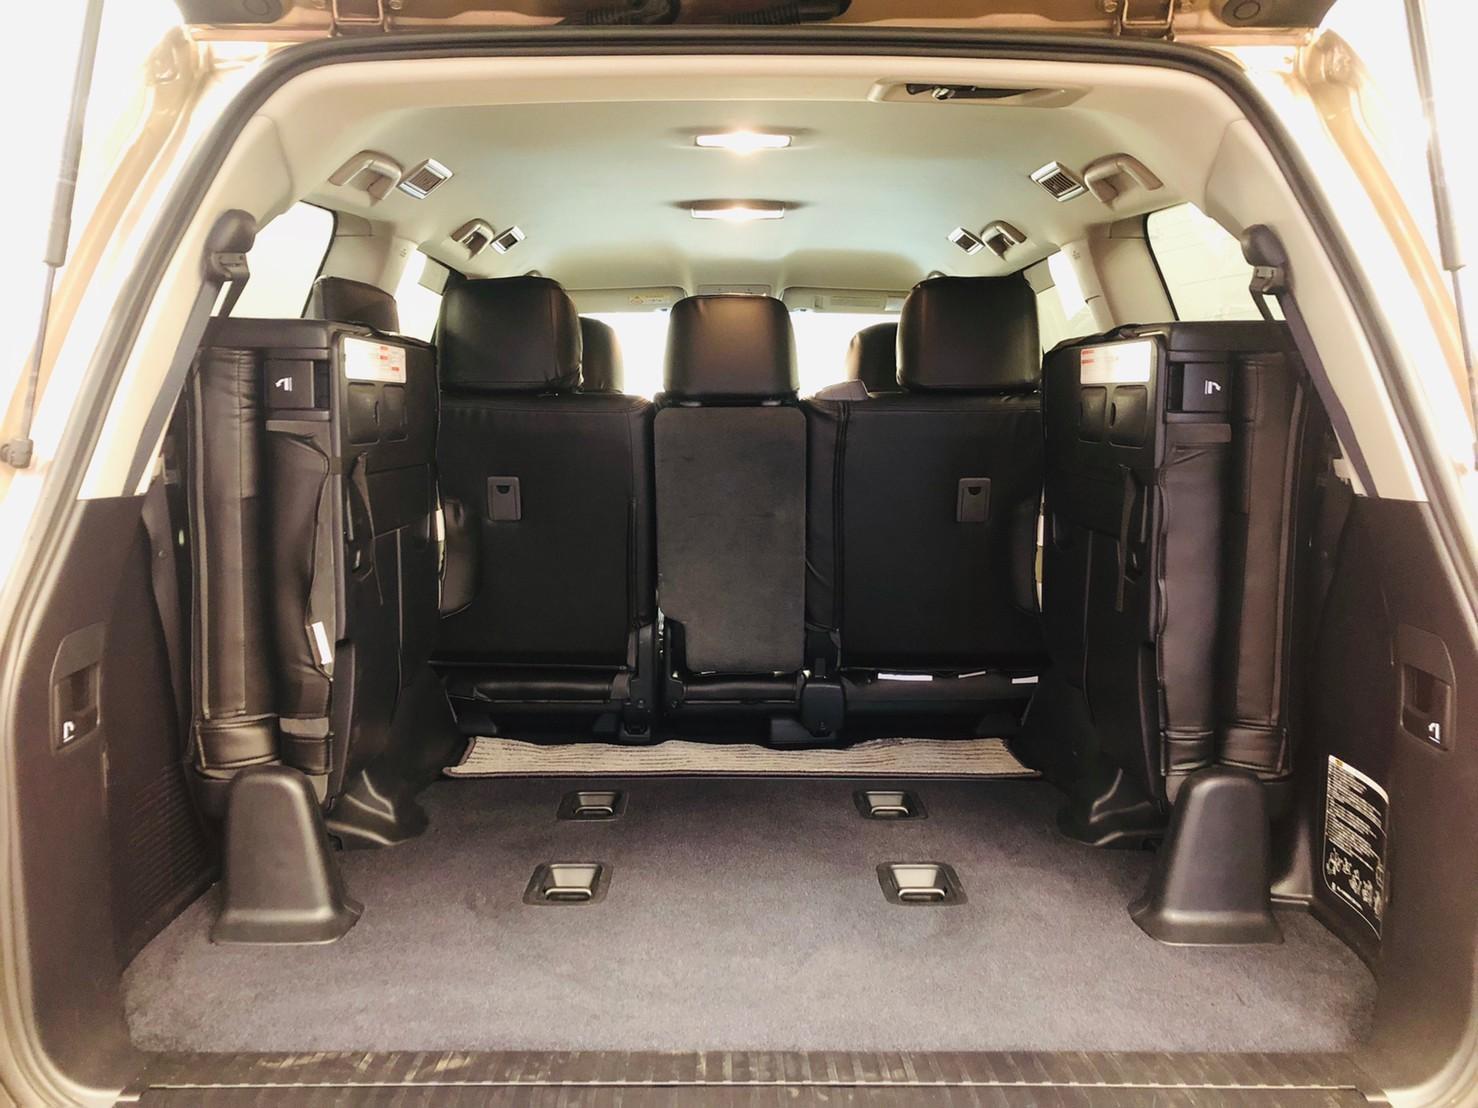 7月9日(火)本店ブログ♪ランクル200 4.6AX 4WD 21000キロです! ハマー レクサス アルファード_b0127002_16364063.jpg